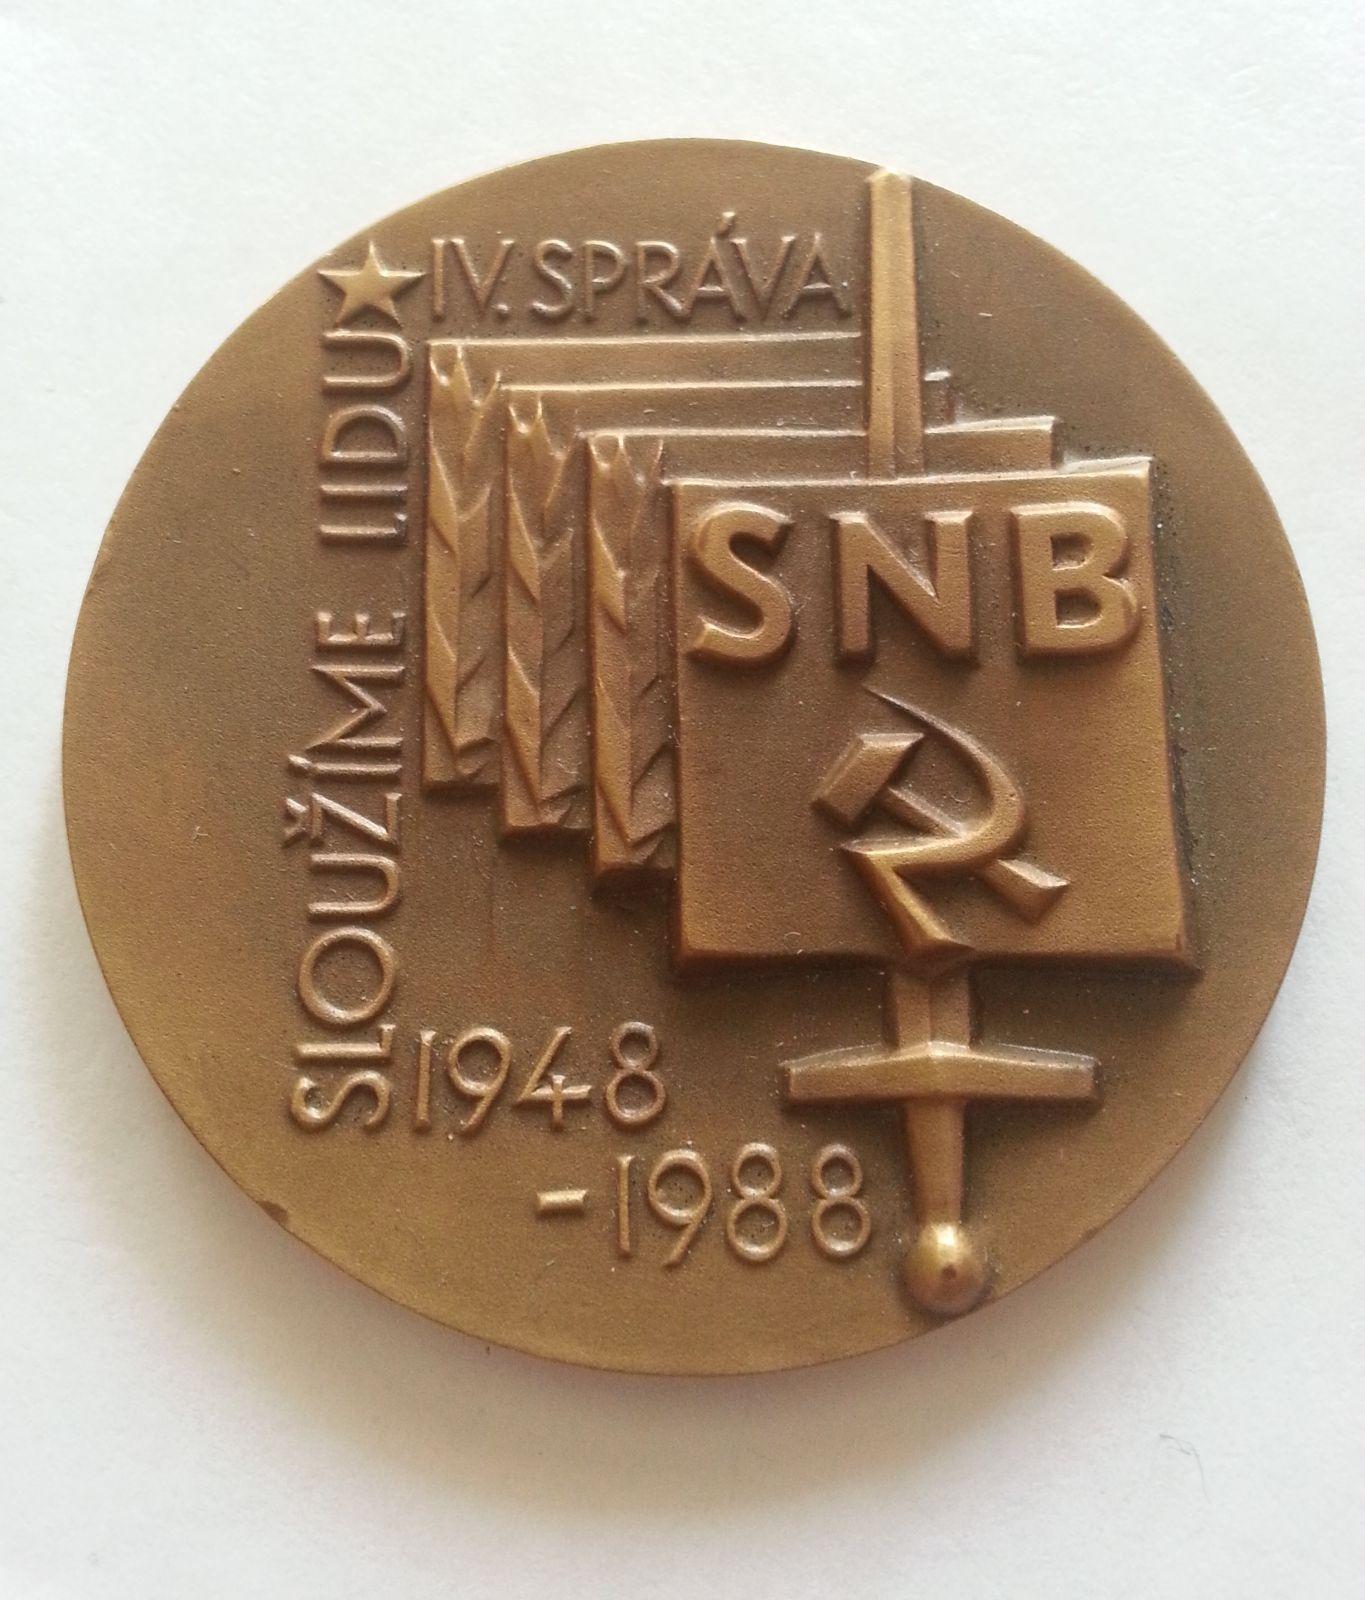 IV.správa SNB, jednostranná plaketa, ČSSR